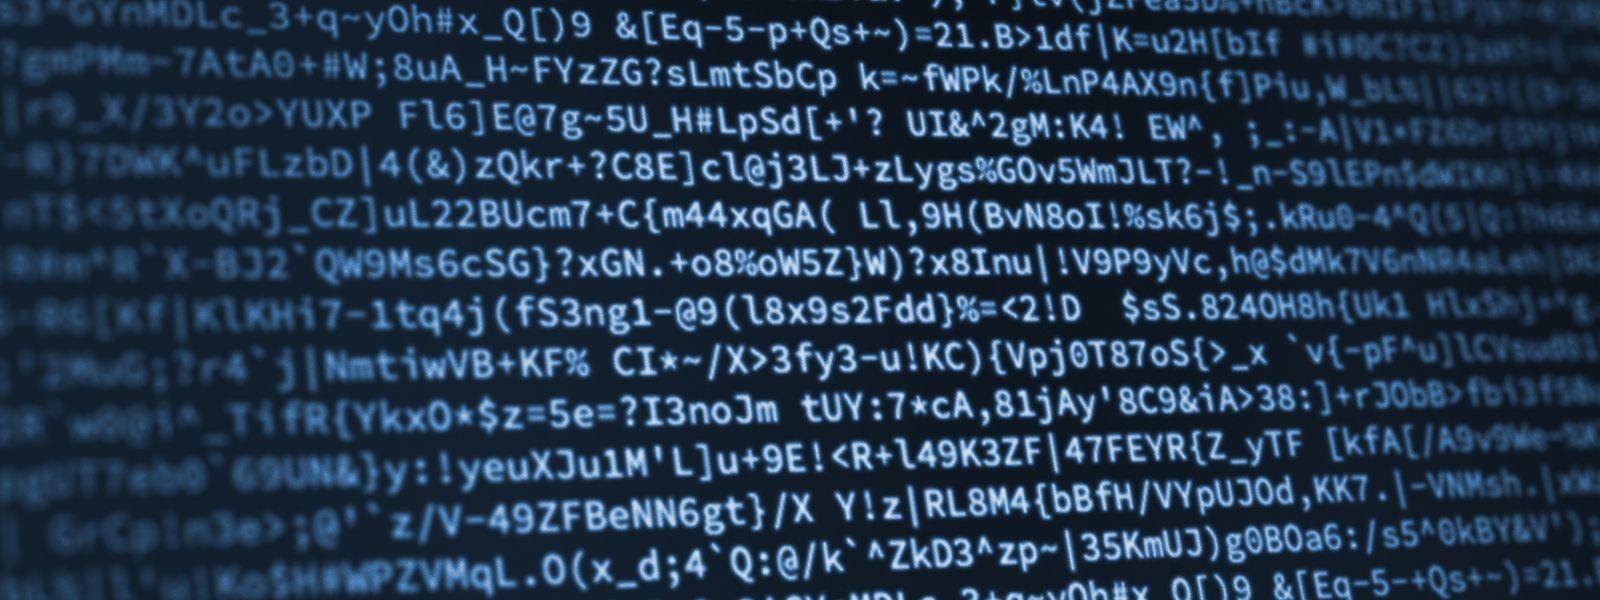 Daten gibt es viele um uns herum - was es braucht, sind Menschen, die ihnen ihre Informationen entlocken können.